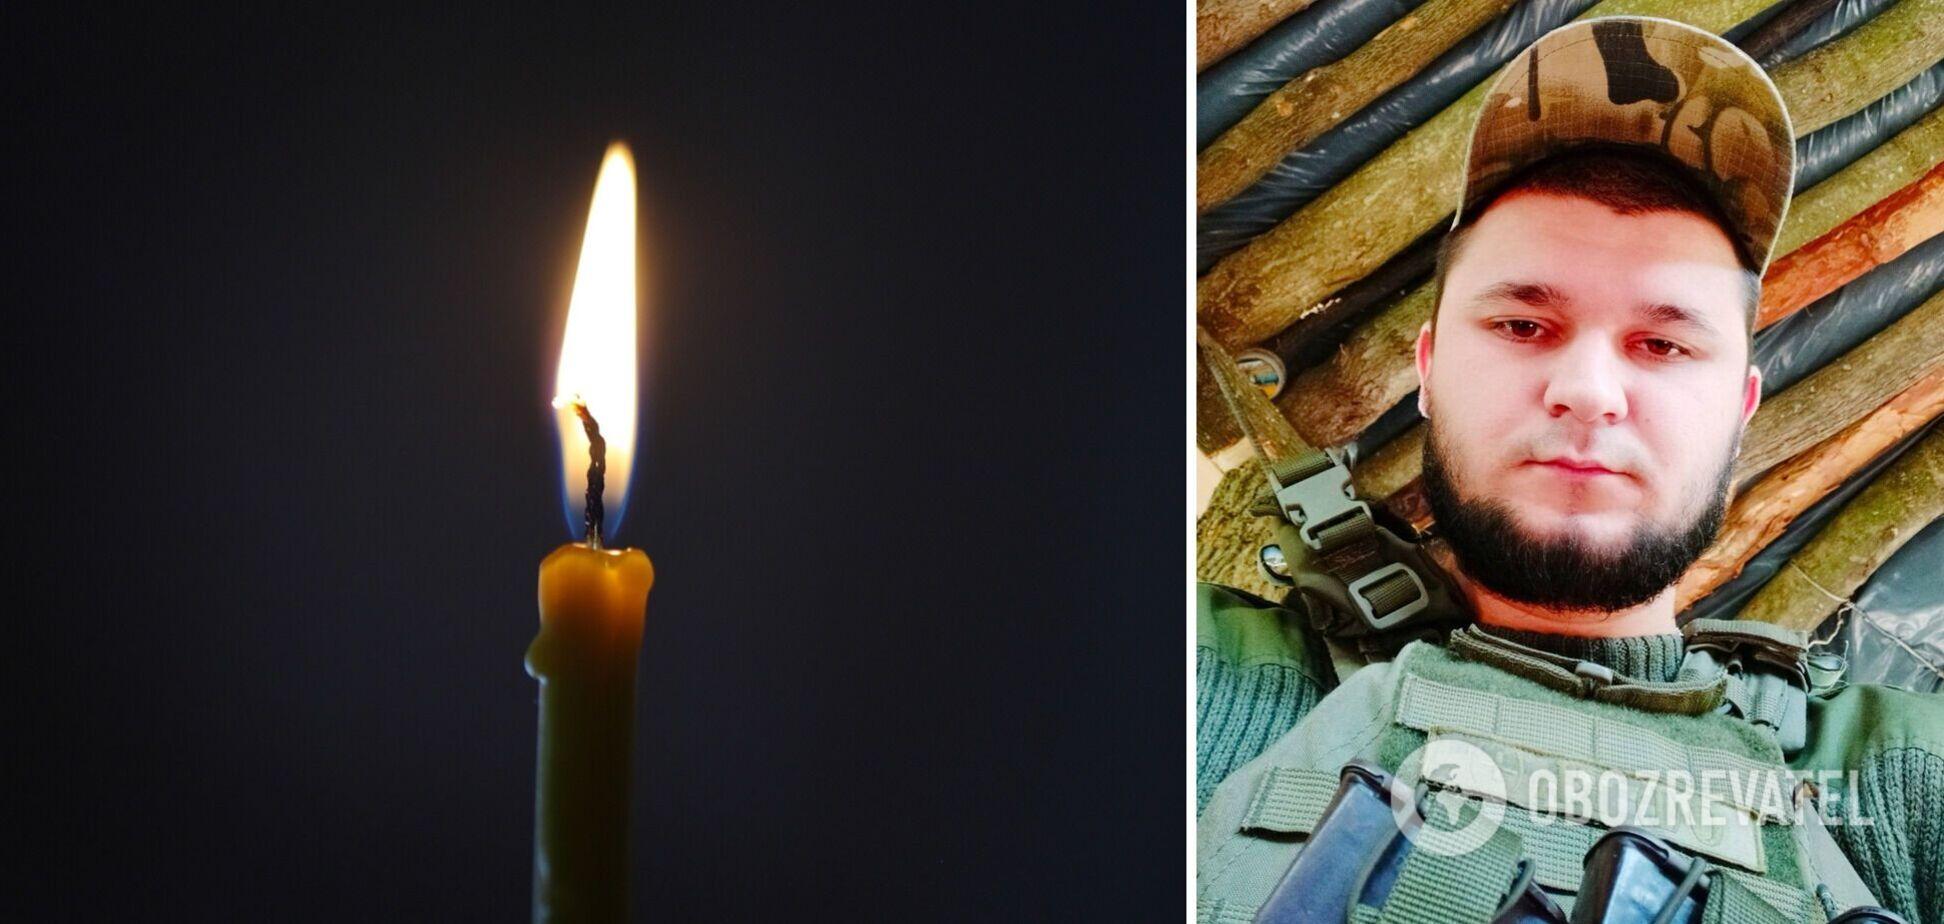 На Прикарпатье в результате ножевого ранения умер 25-летний ветеран АТО